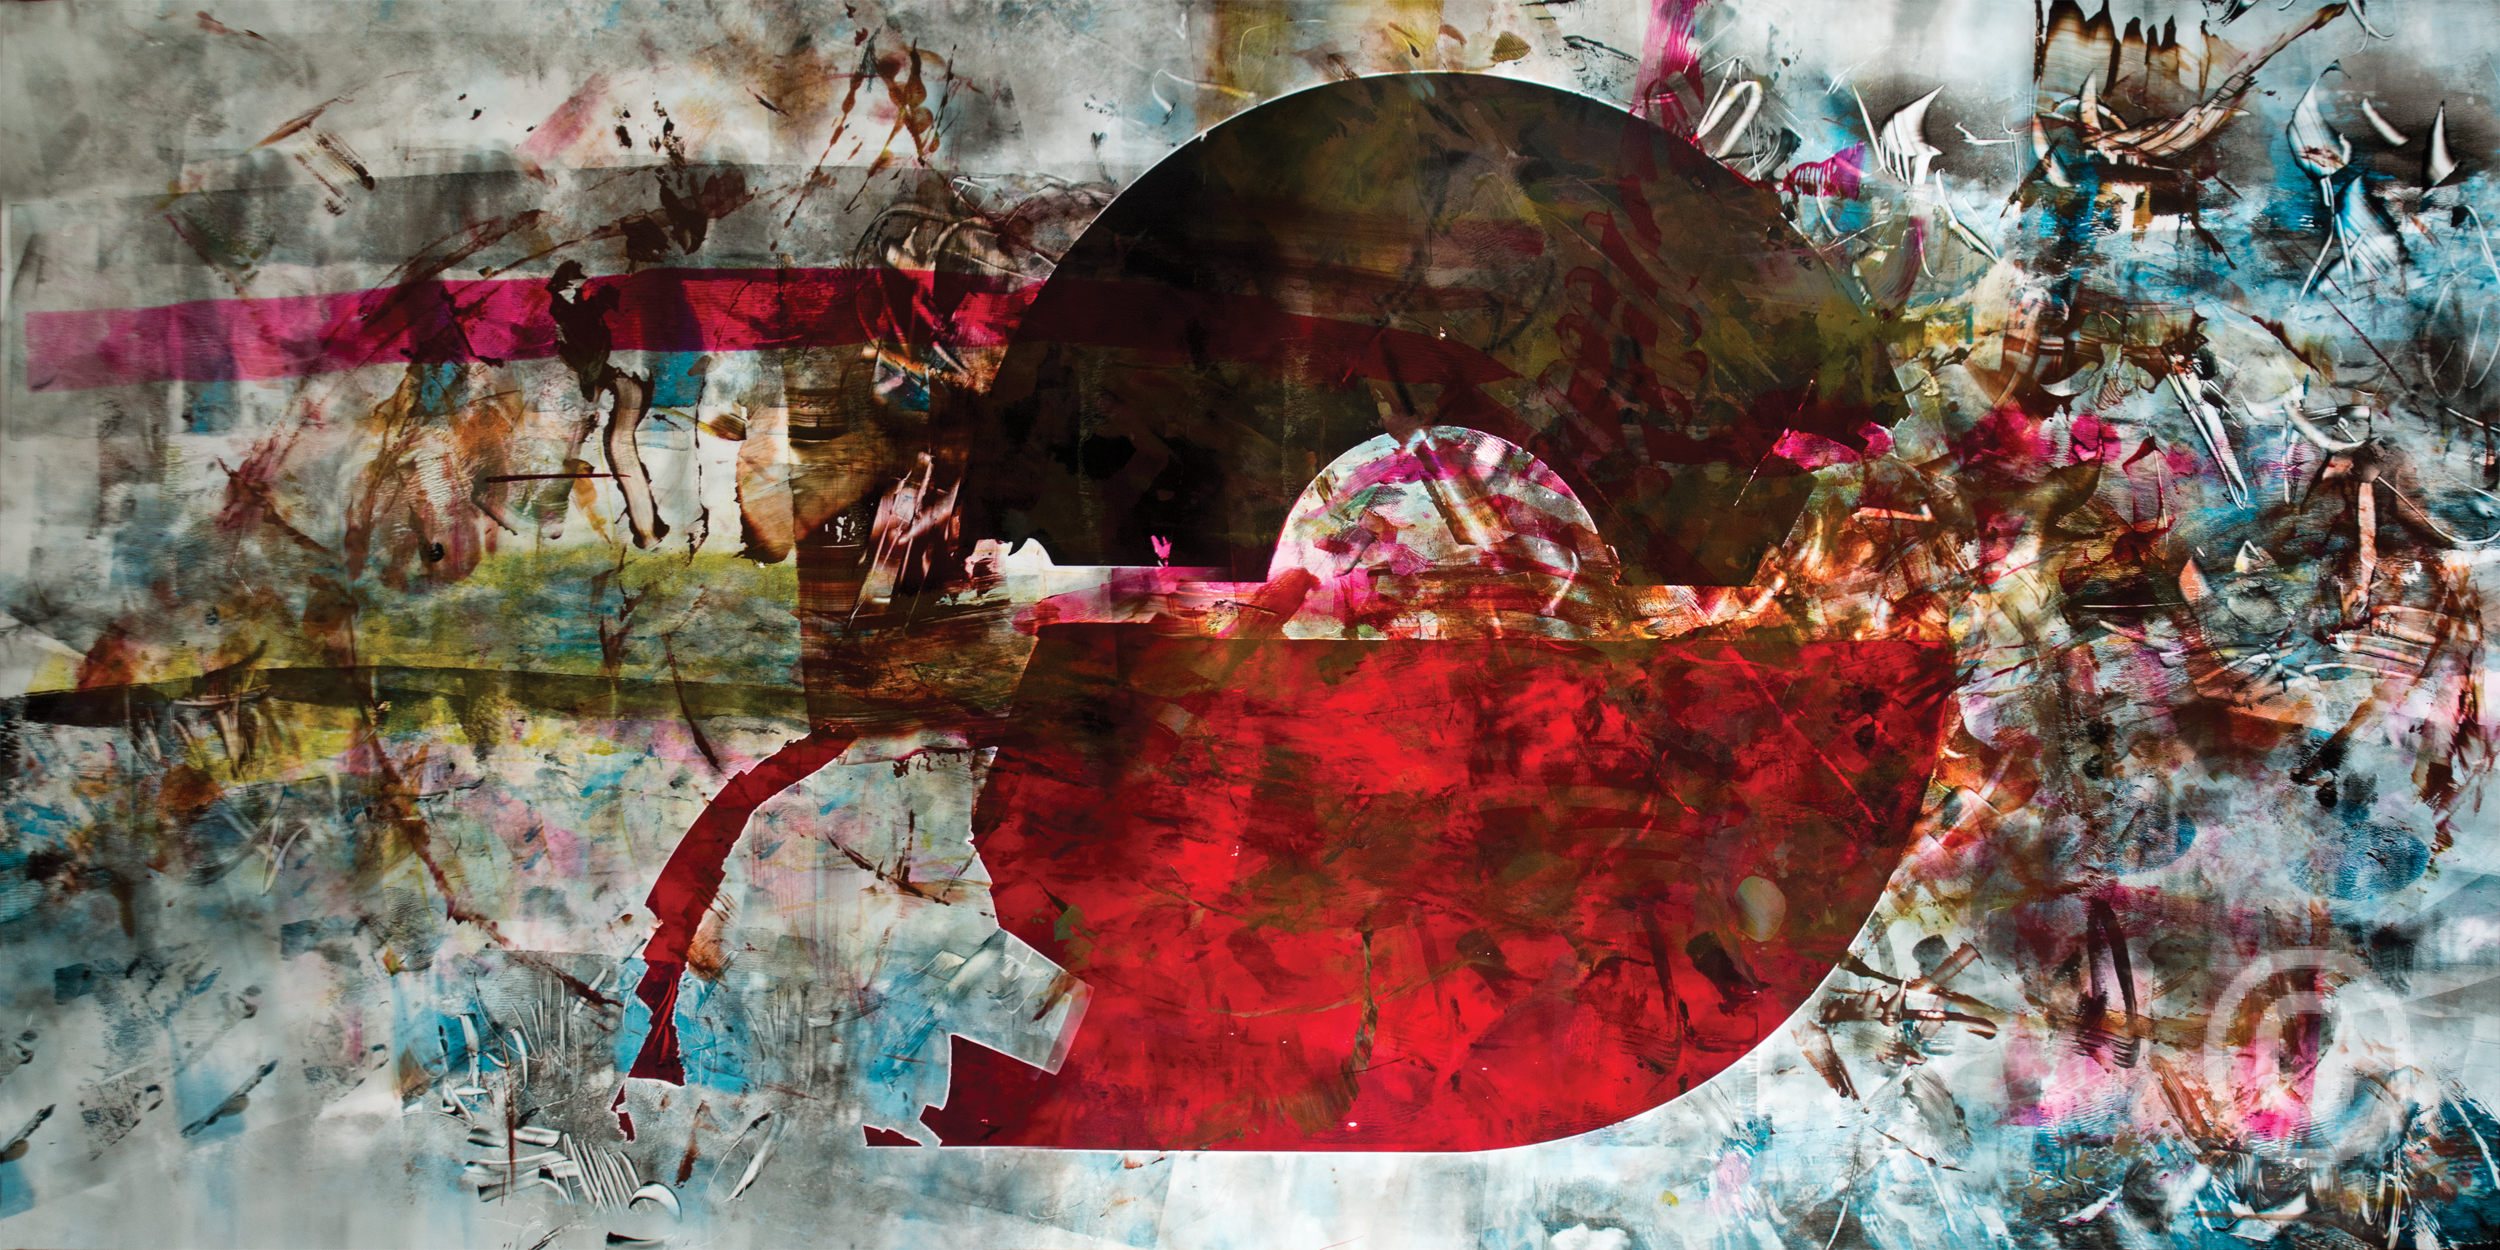 Rétro-production rouge © Prosper Jerominus, 2015